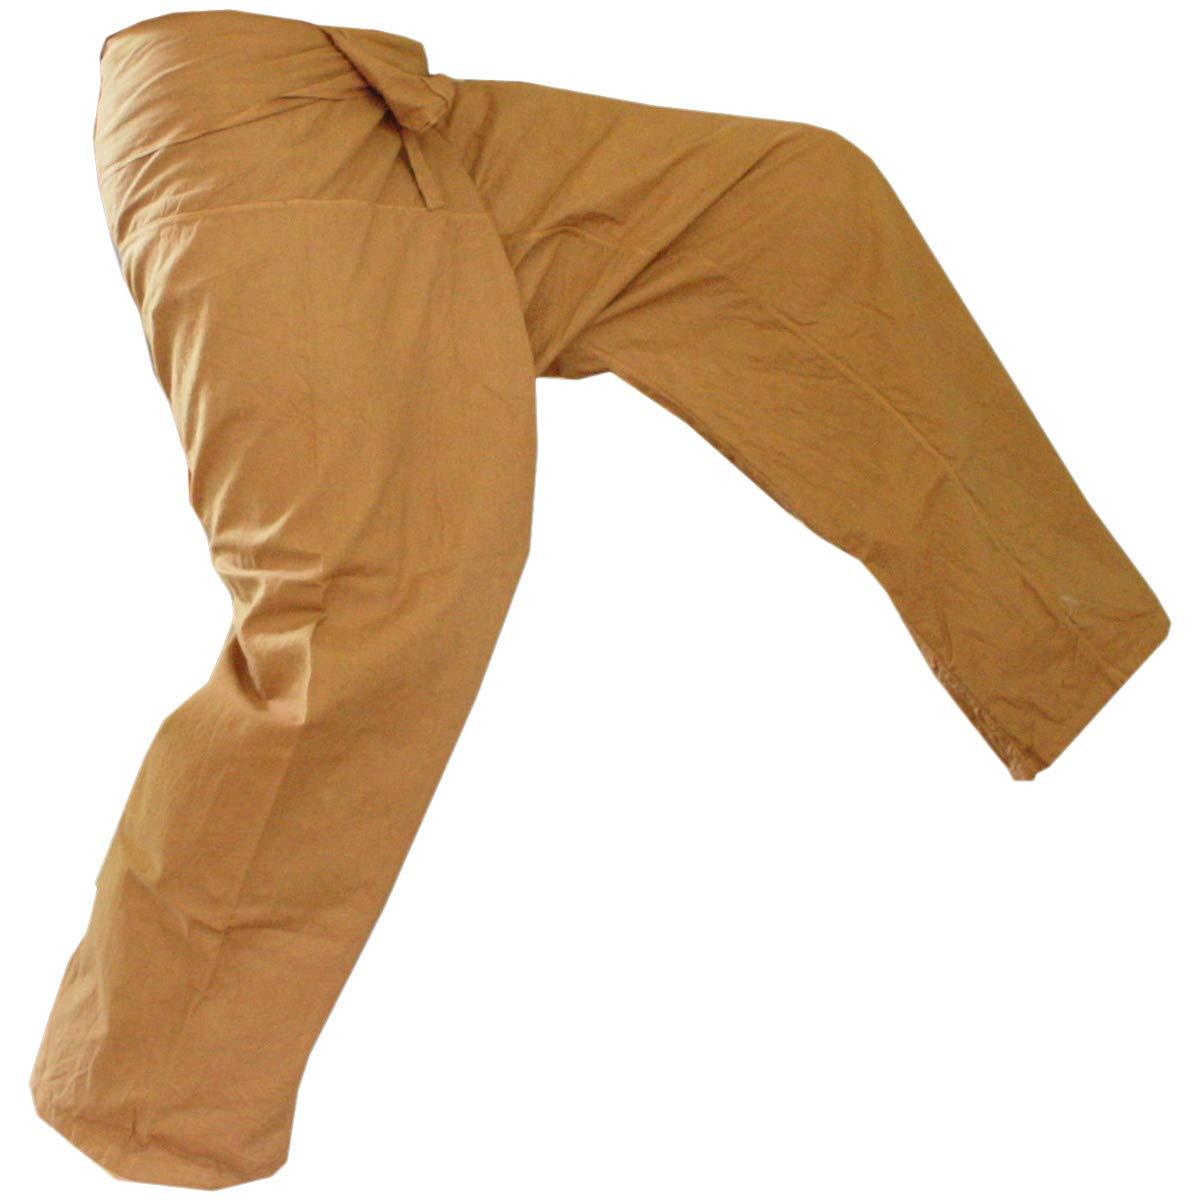 PANASIAM® Thai Fisherman Pantalon, Le Classique, Ici en XL (à partir de 1,80m Taille du Corps) - Jaune